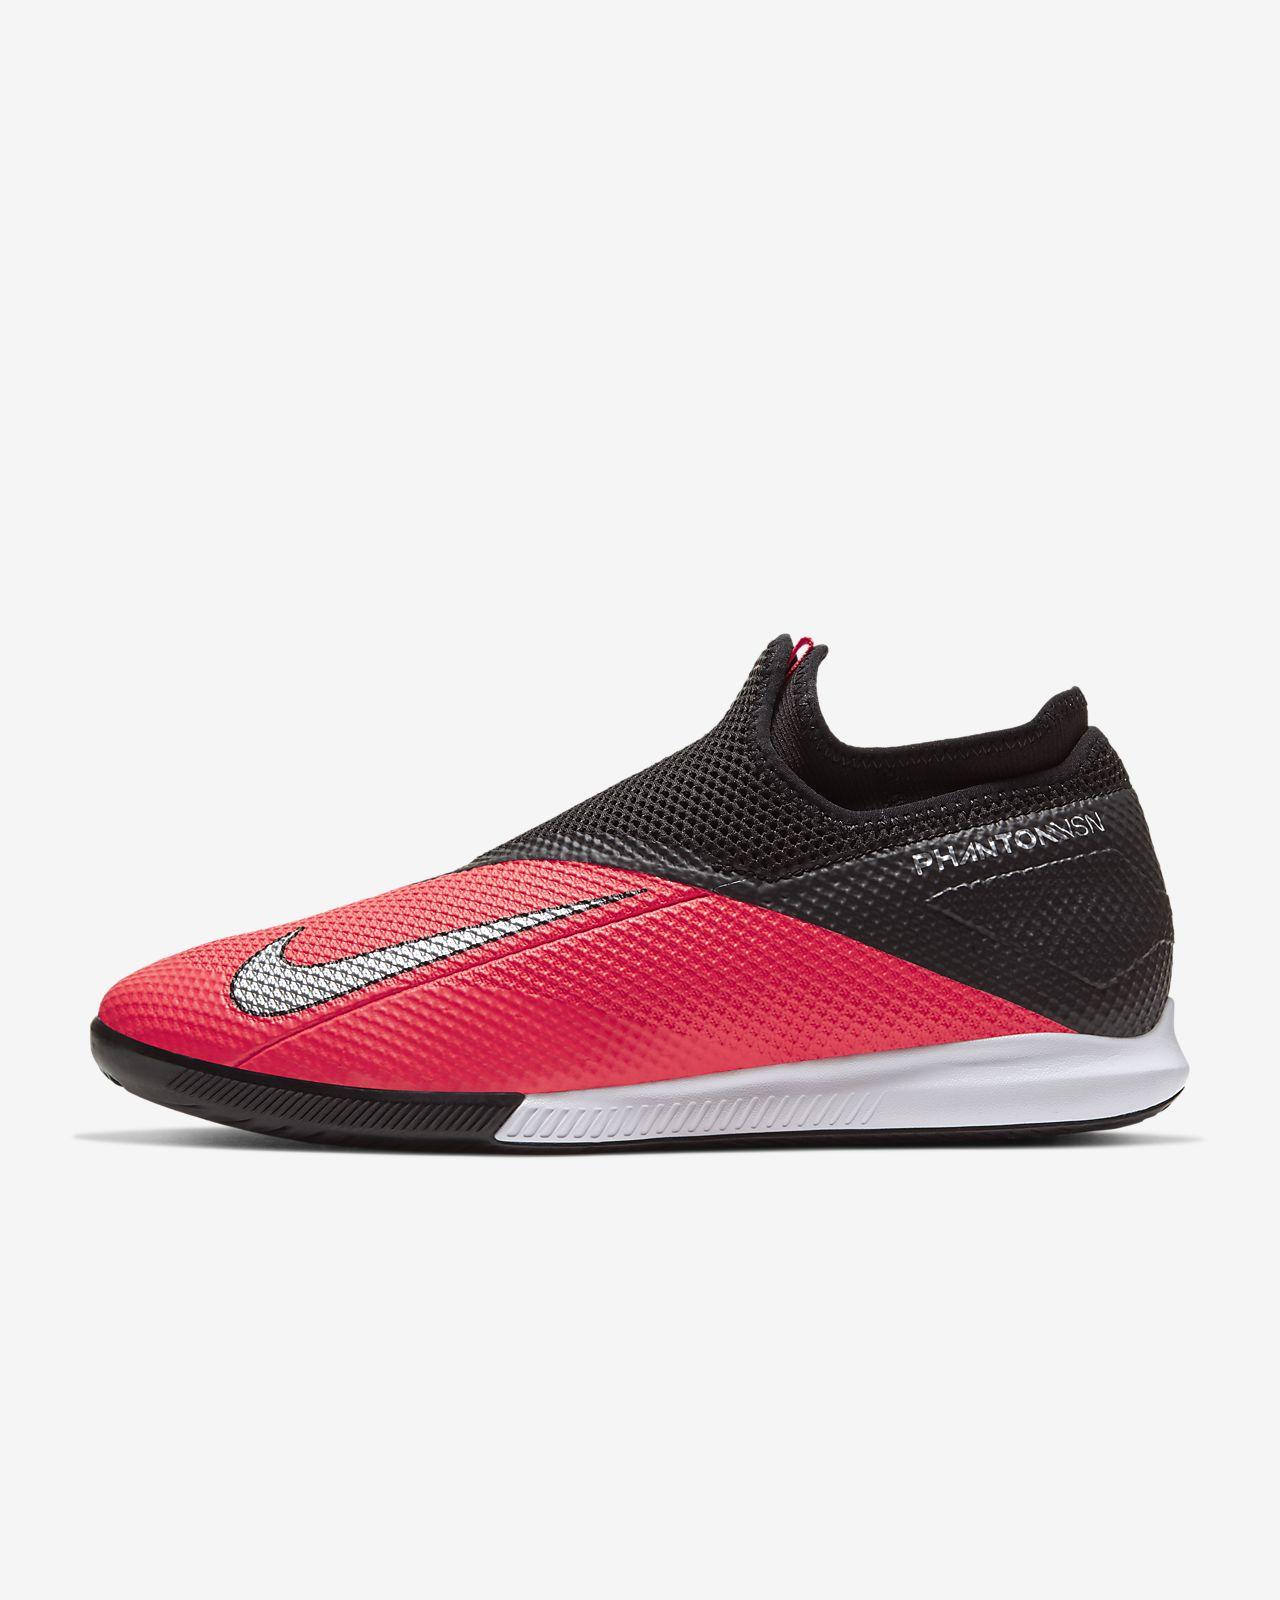 Nike Phantom Vision 2 Academy Dynamic Fit IC Fußballschuh für Hallen- und Hartplätze